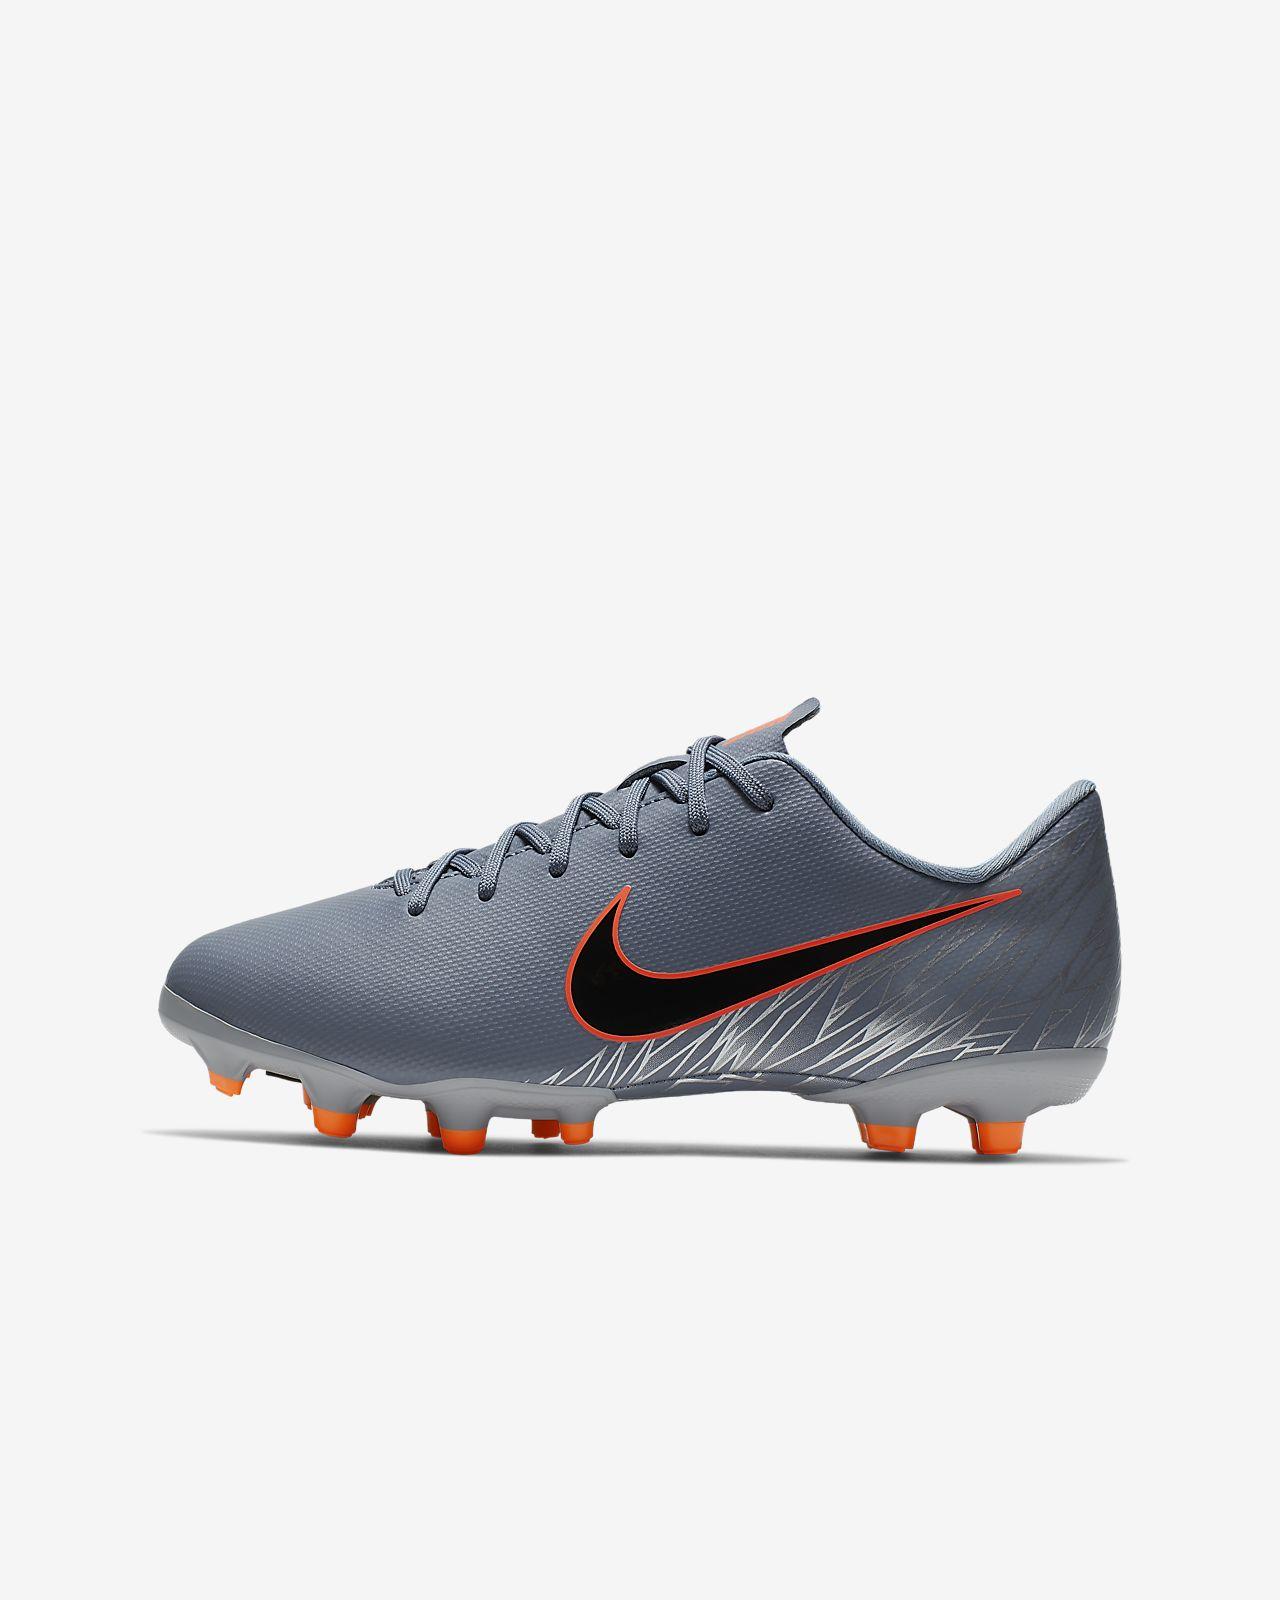 Nike Jr. Mercurial Vapor XII Academy Botes de futbol per a terrenys diversos - Nen/a i nen/a petit/a